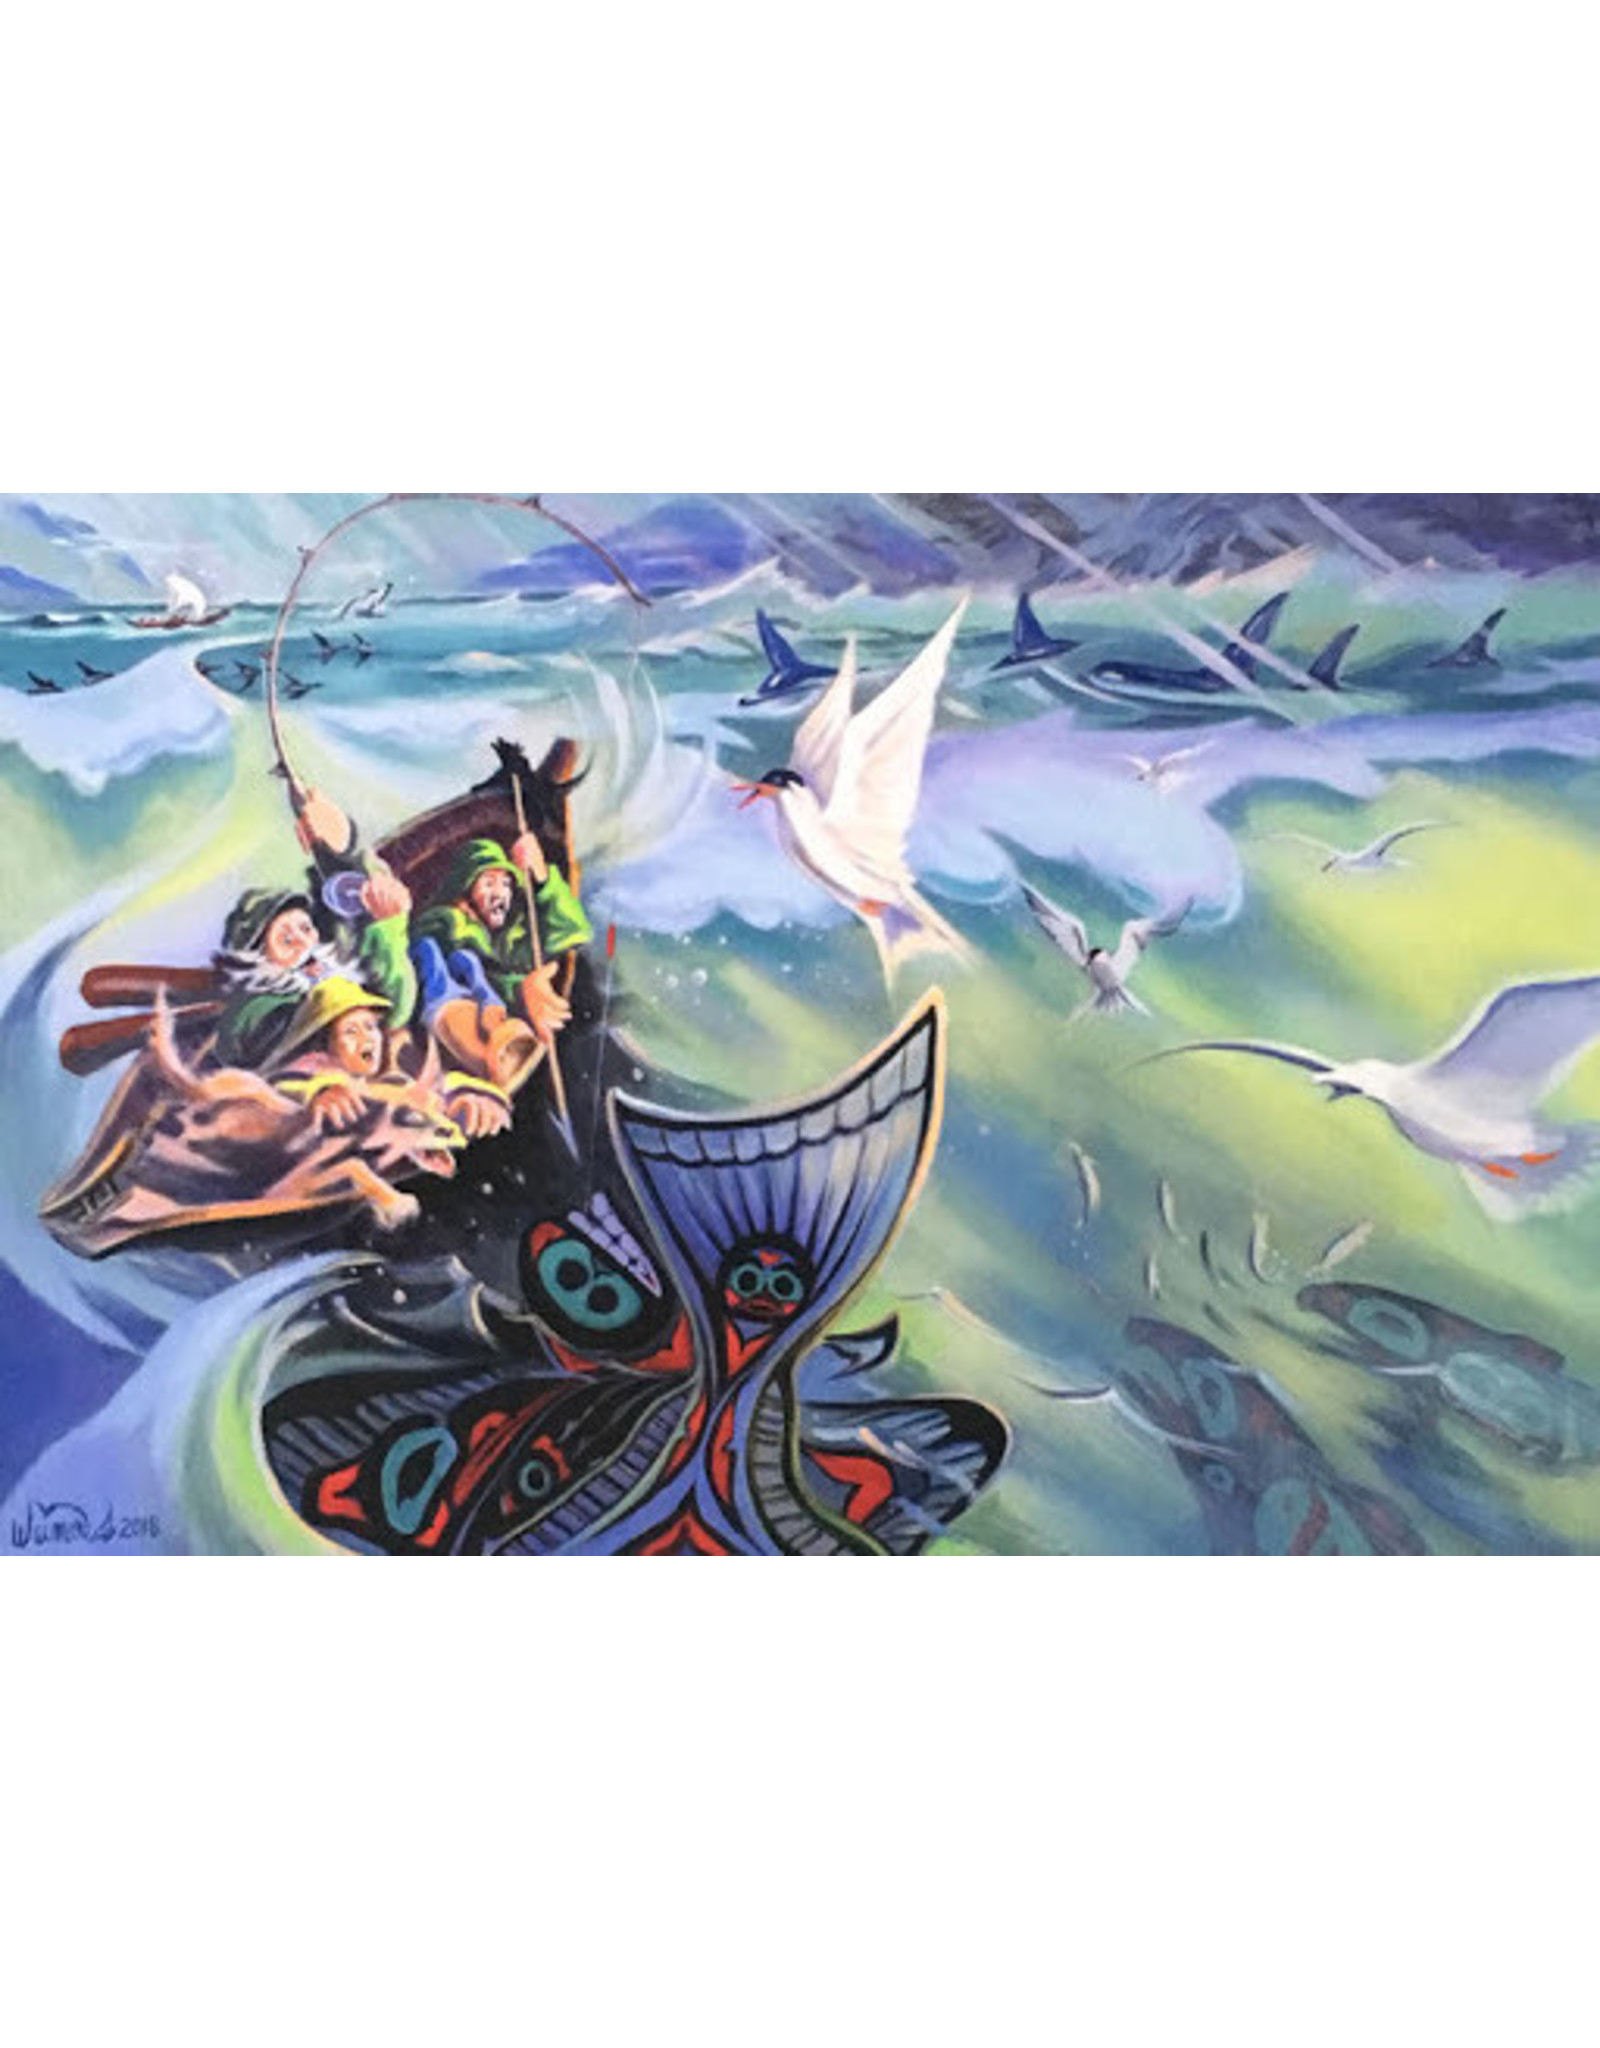 Arnie Weimer Alaskan Halibut Tail Tale | Arnie Weimer